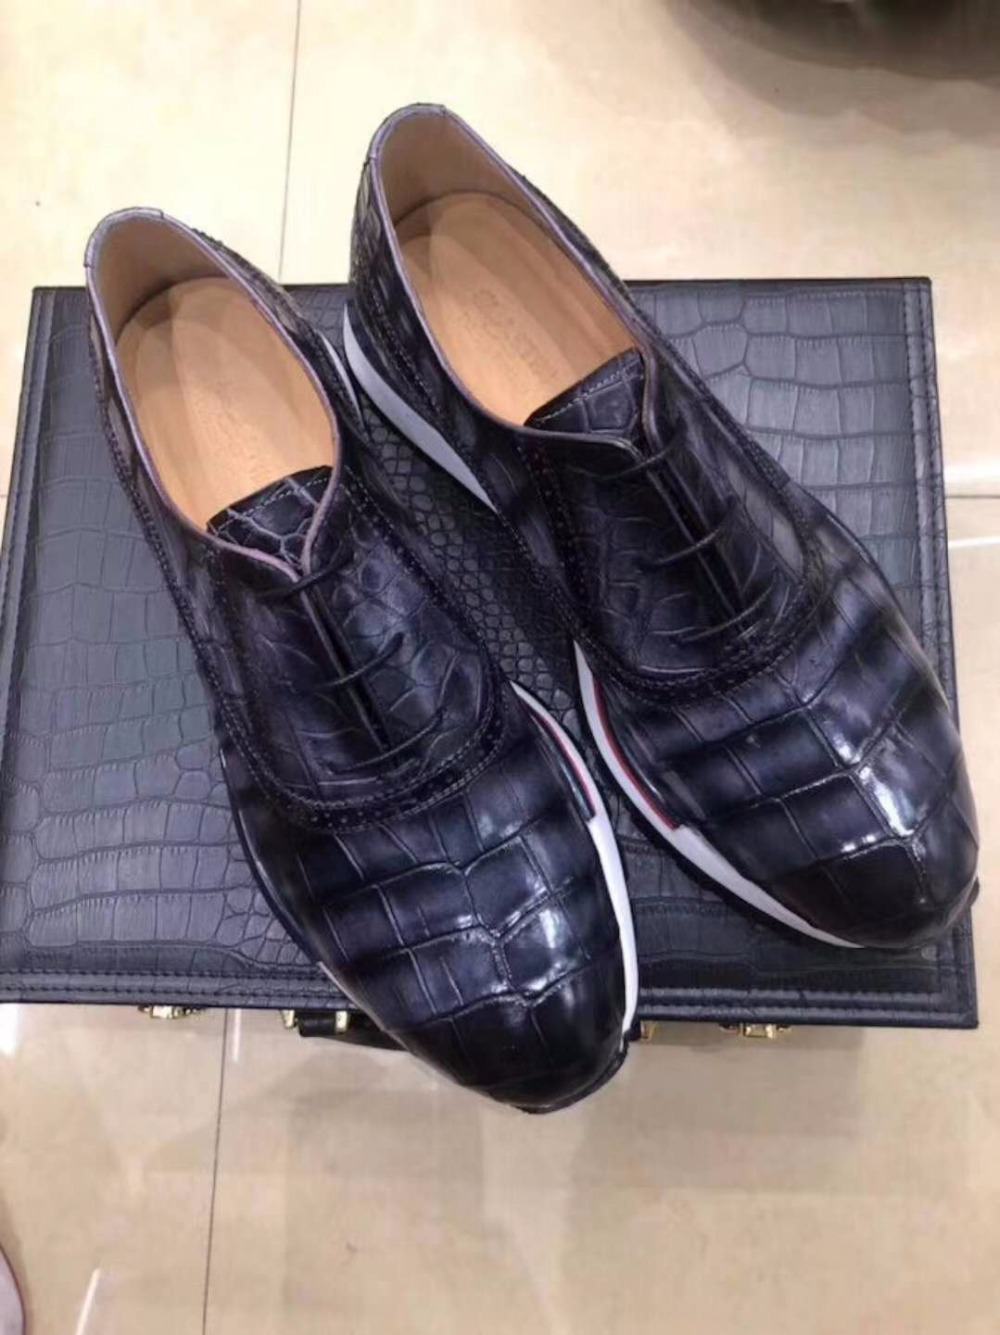 Colores Del Zapatos Genuino Los Brillante 2 Mezclados Con De La Piel Cocodrilo Vientre Negocios Durable Hombres 100 Zapato aqnOwxtdt